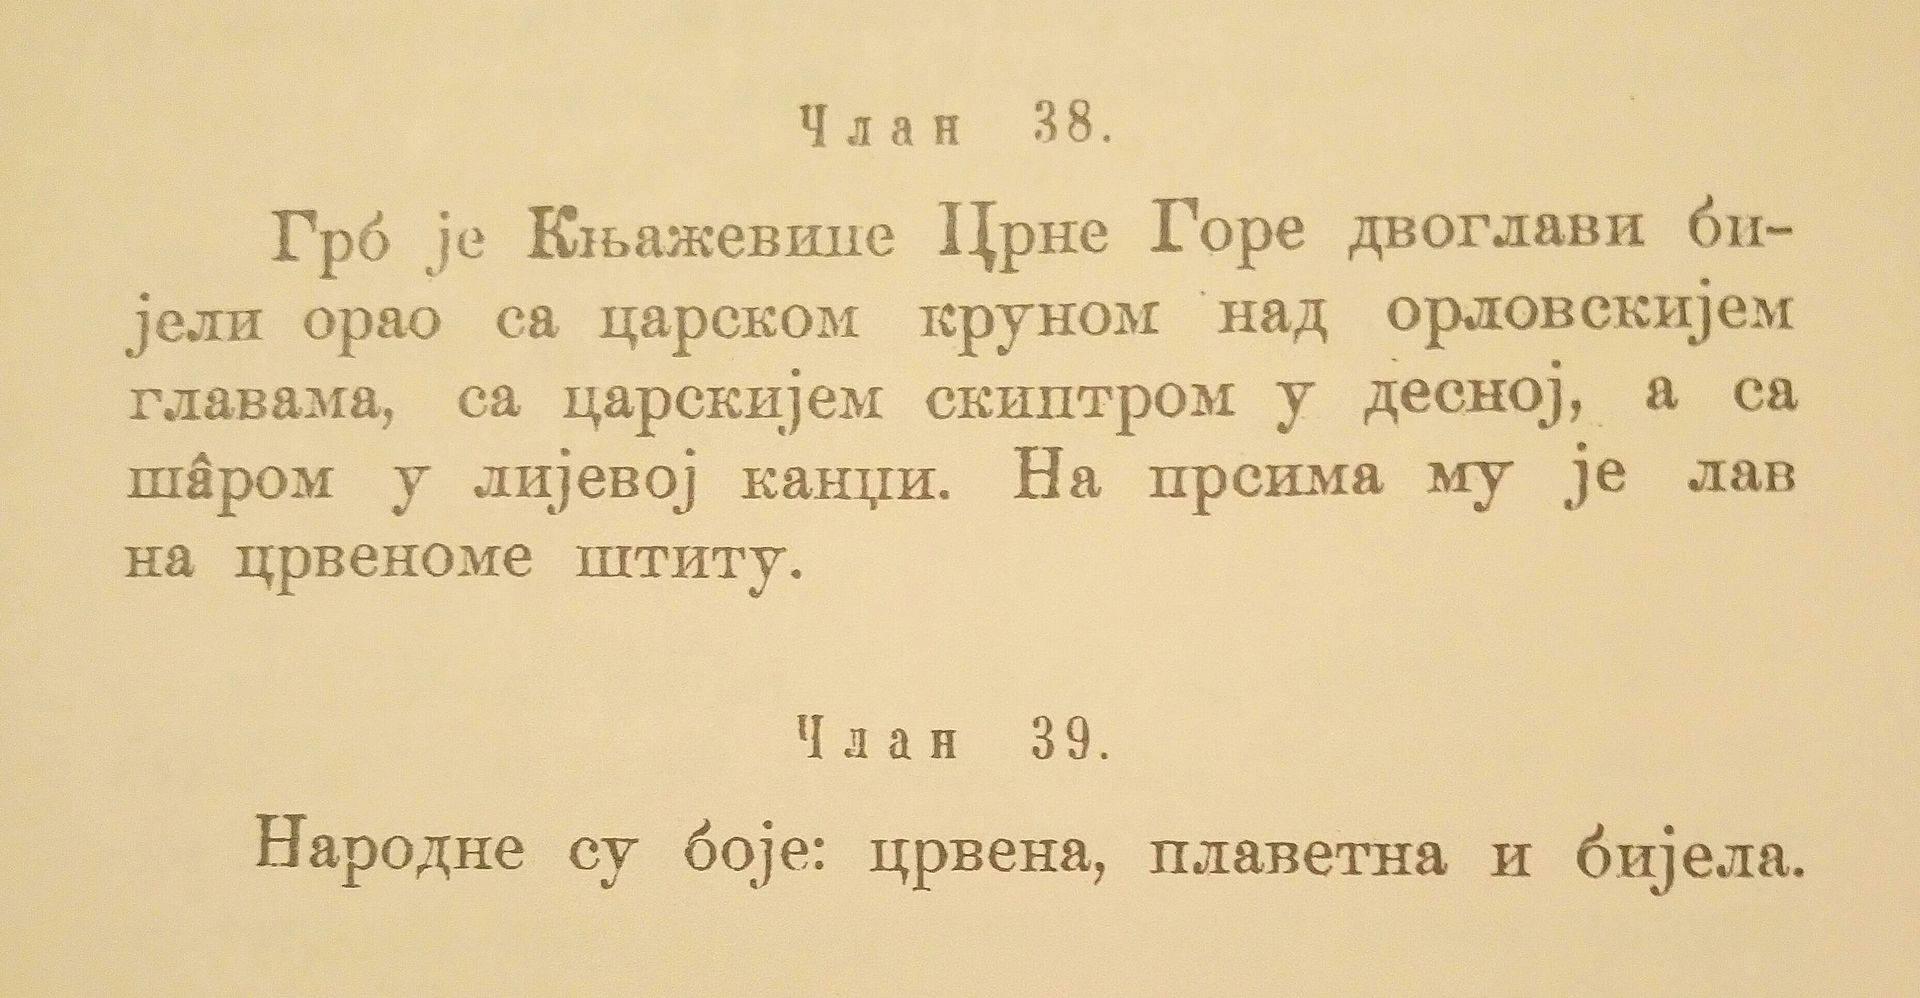 Ustav iz 1905.